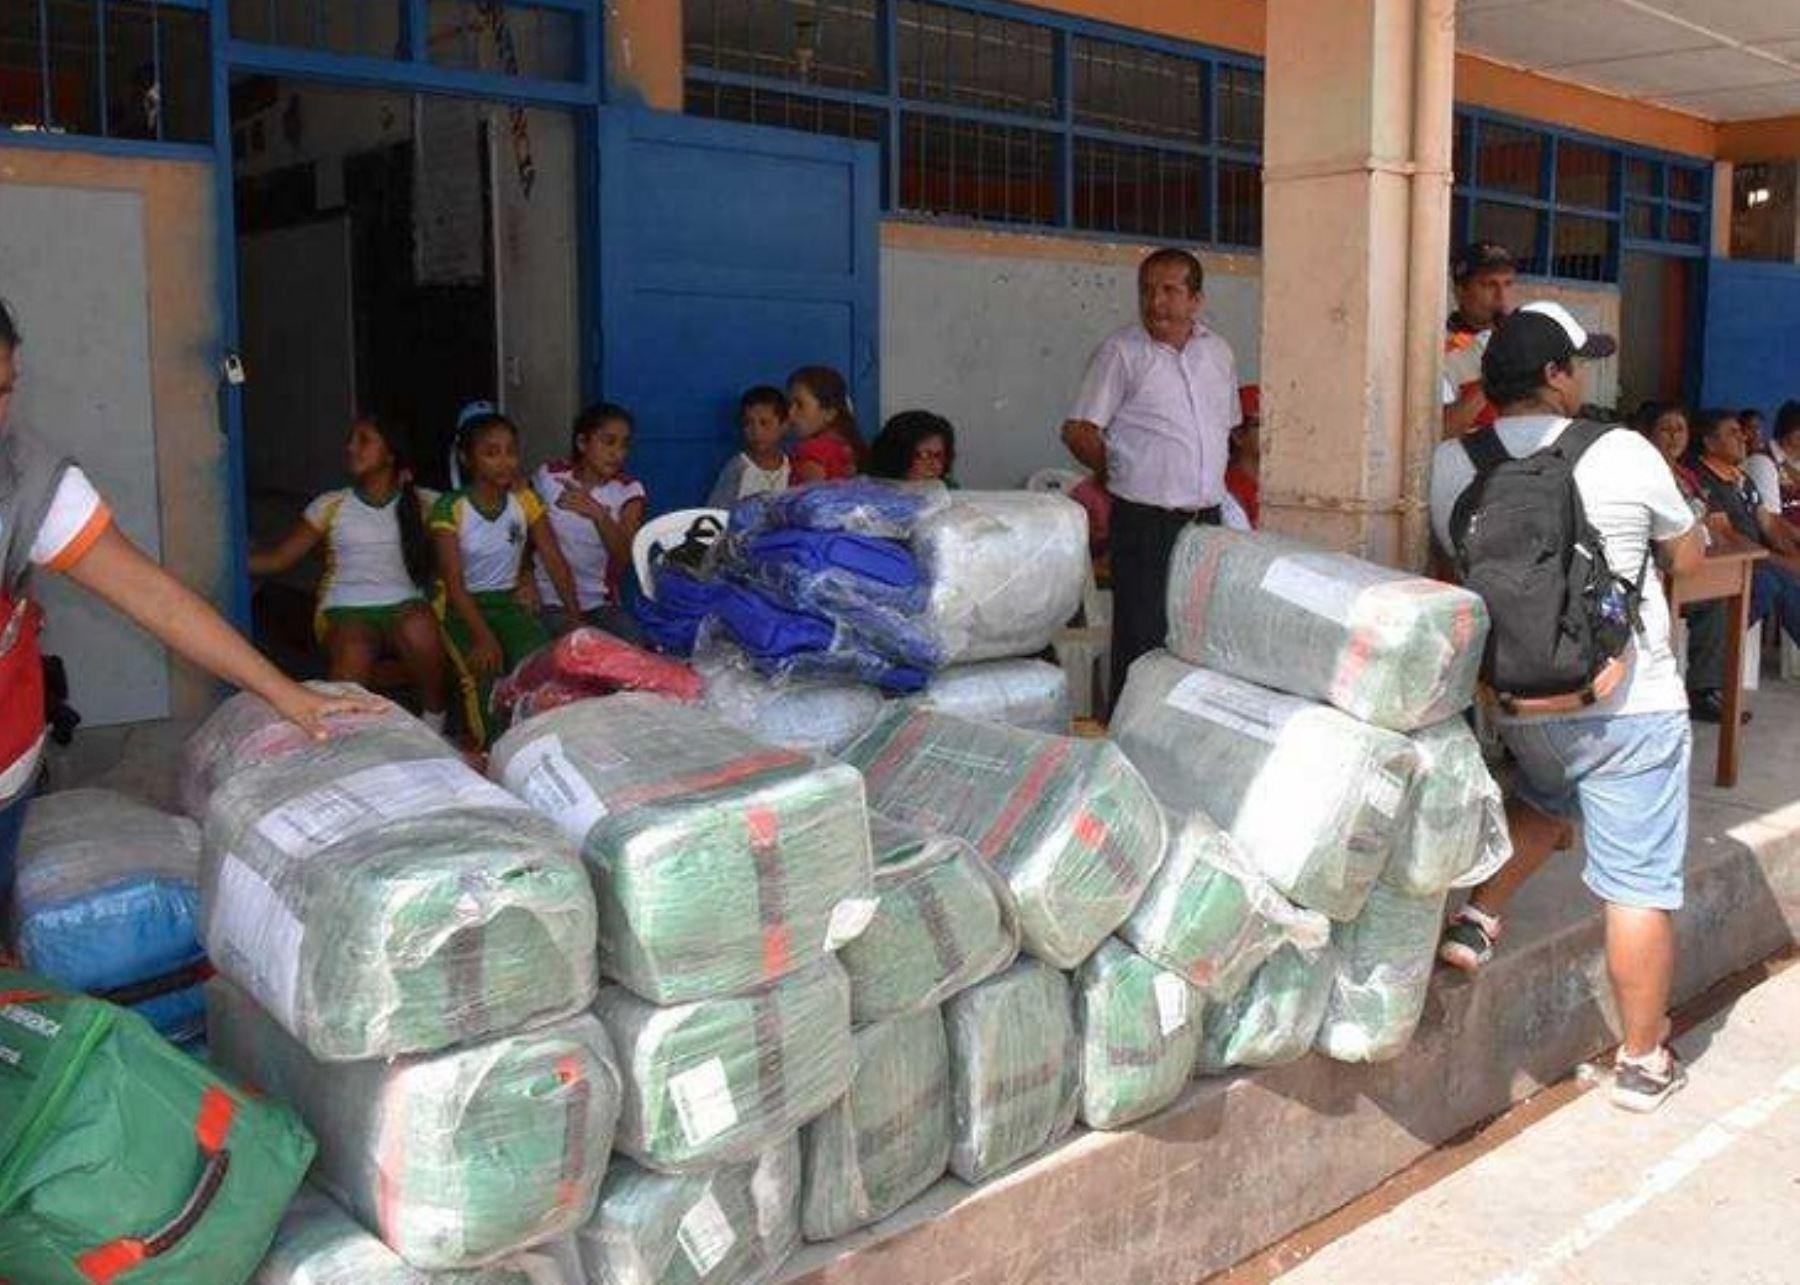 Colegios afectados por inundación en Picota reciben asistencia técnica y soporte emocional, entregados por el Gobierno Regional de San Martín.